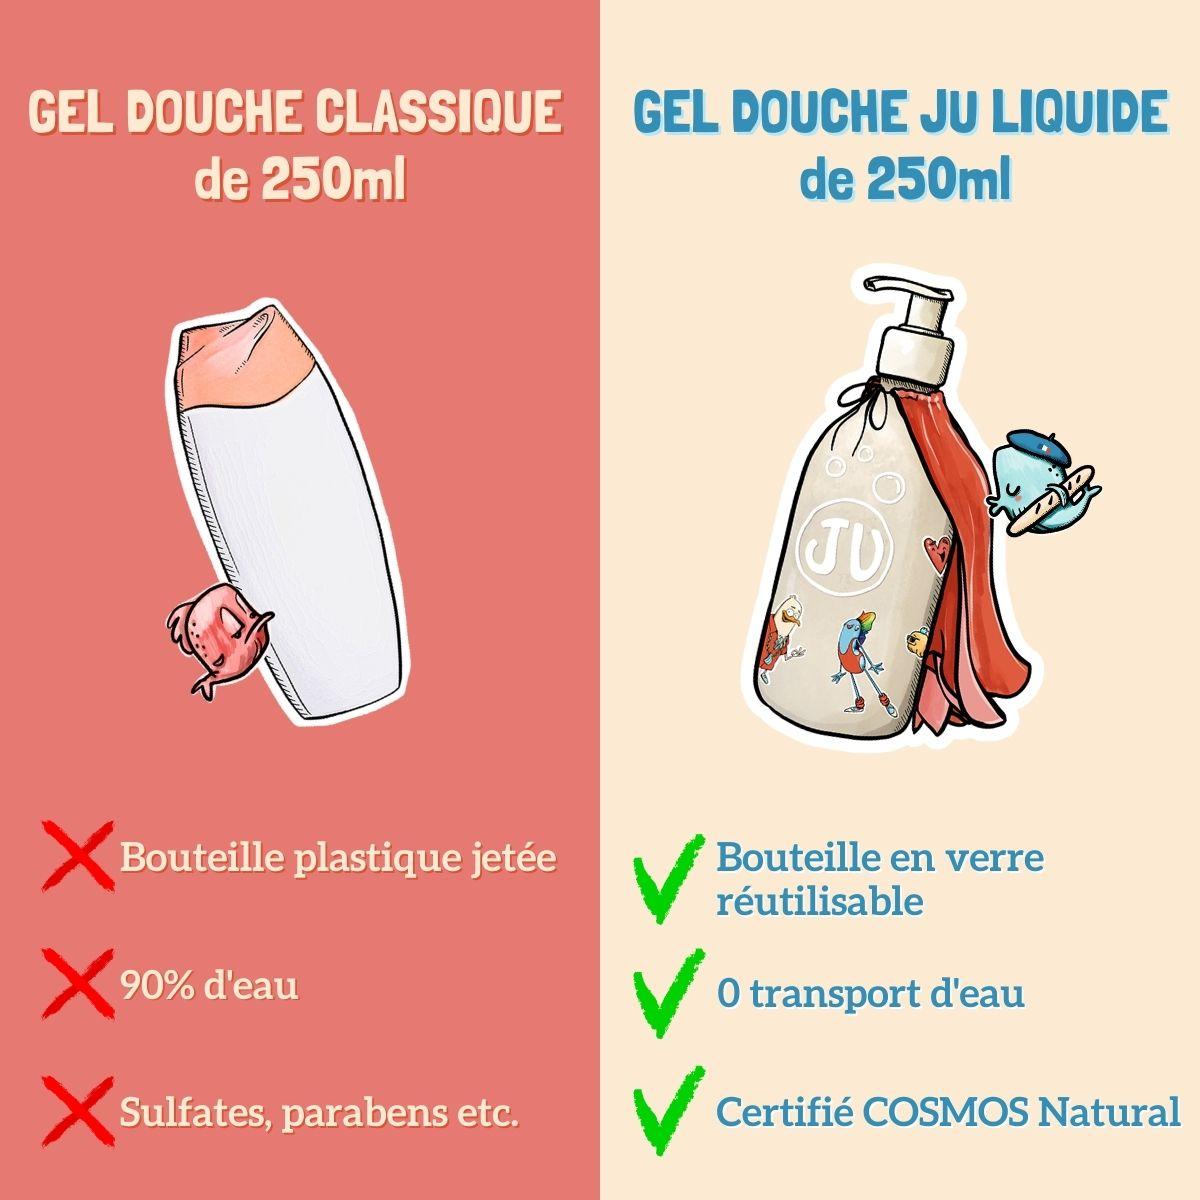 Gel douche classique vs gel douche écologique JU par Juliette